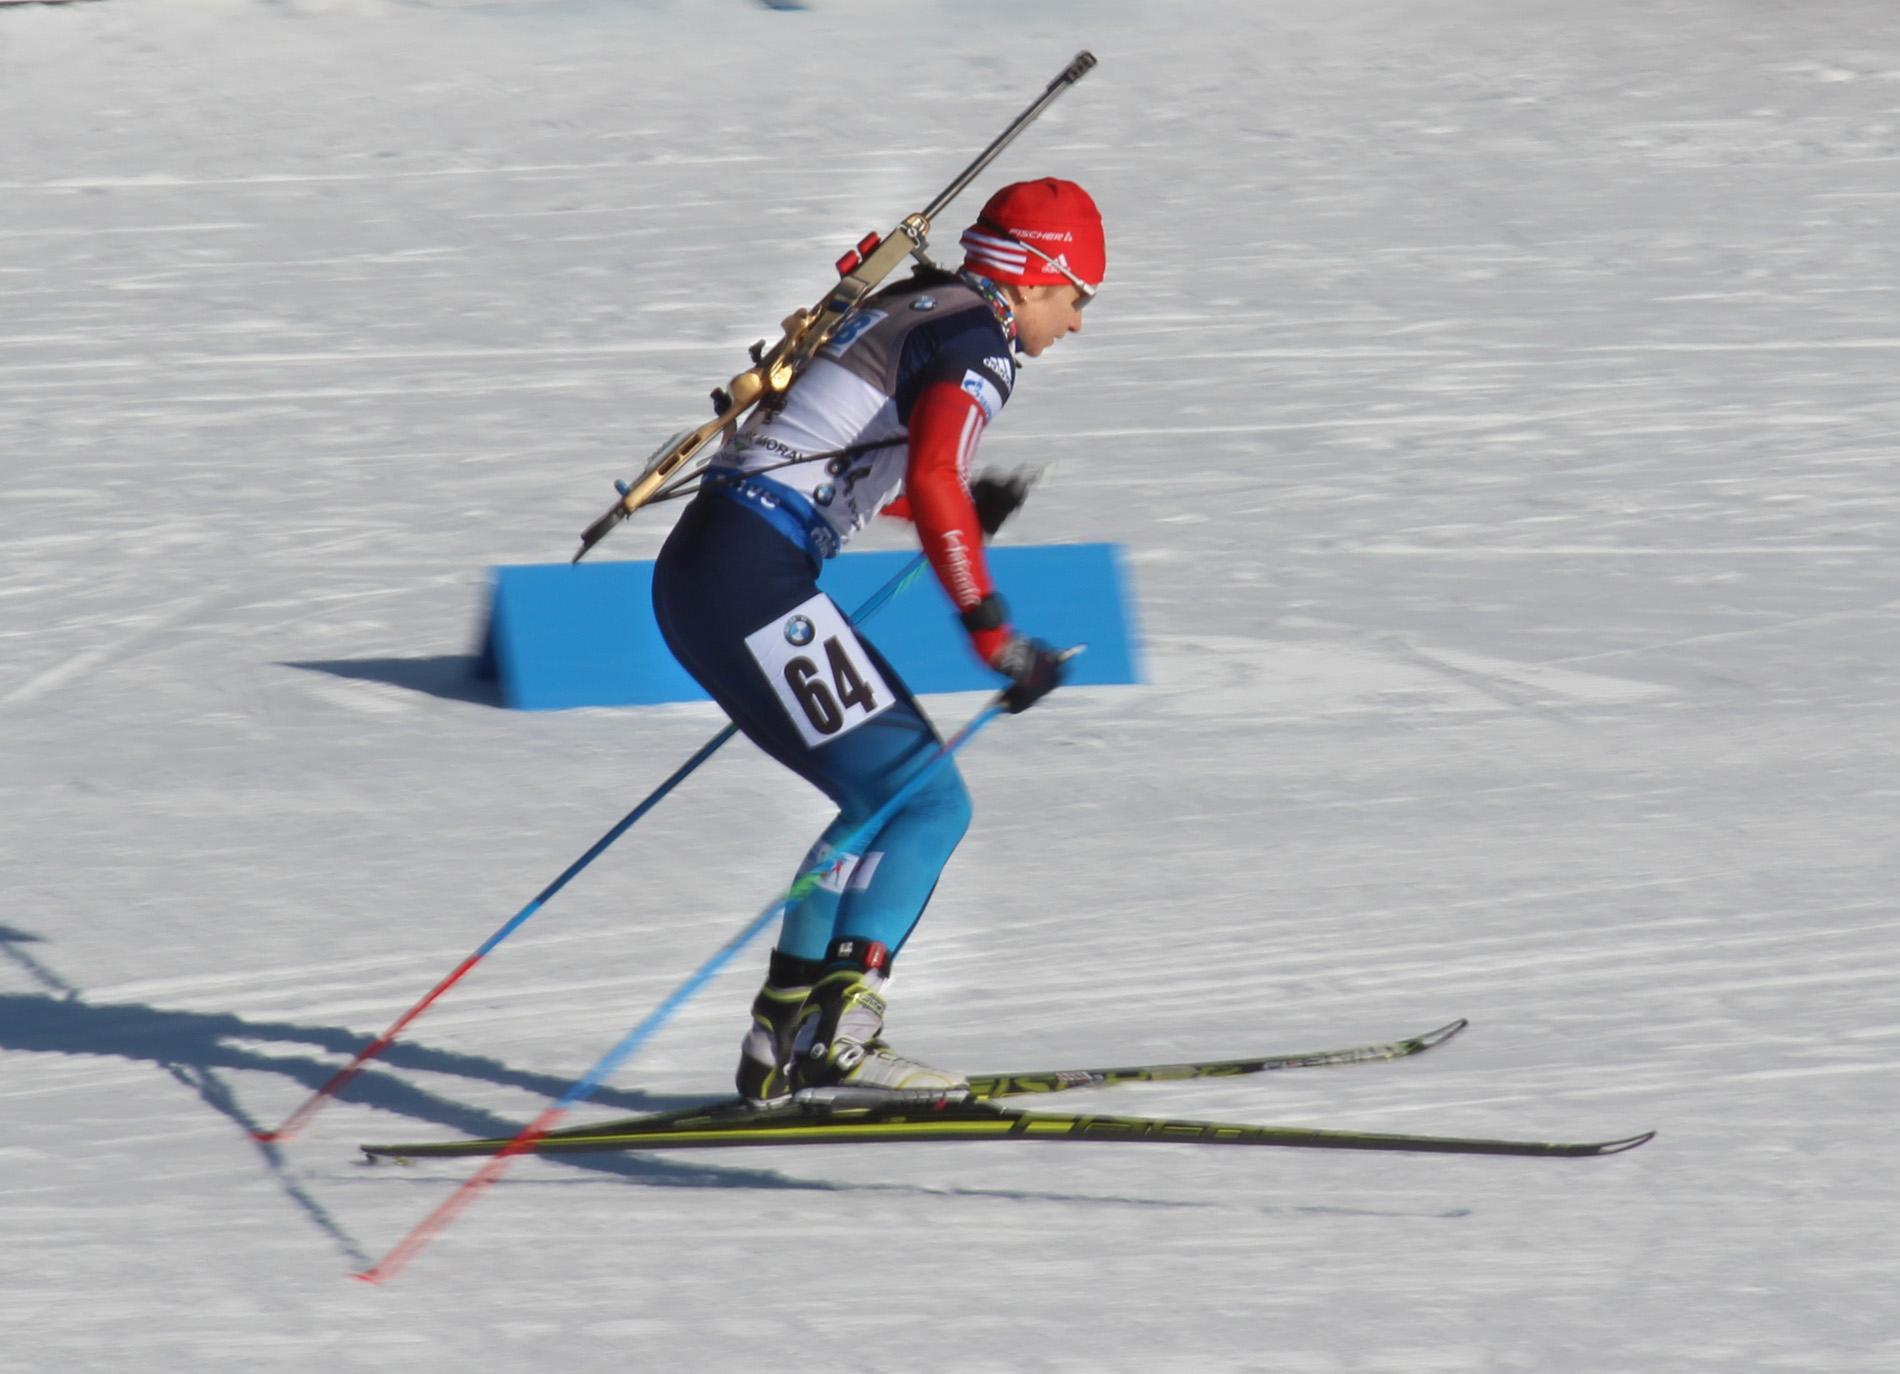 File:Irina Trusova at Biathlon WC 2015 Nove Mesto.jpg - Wikimedia Commons